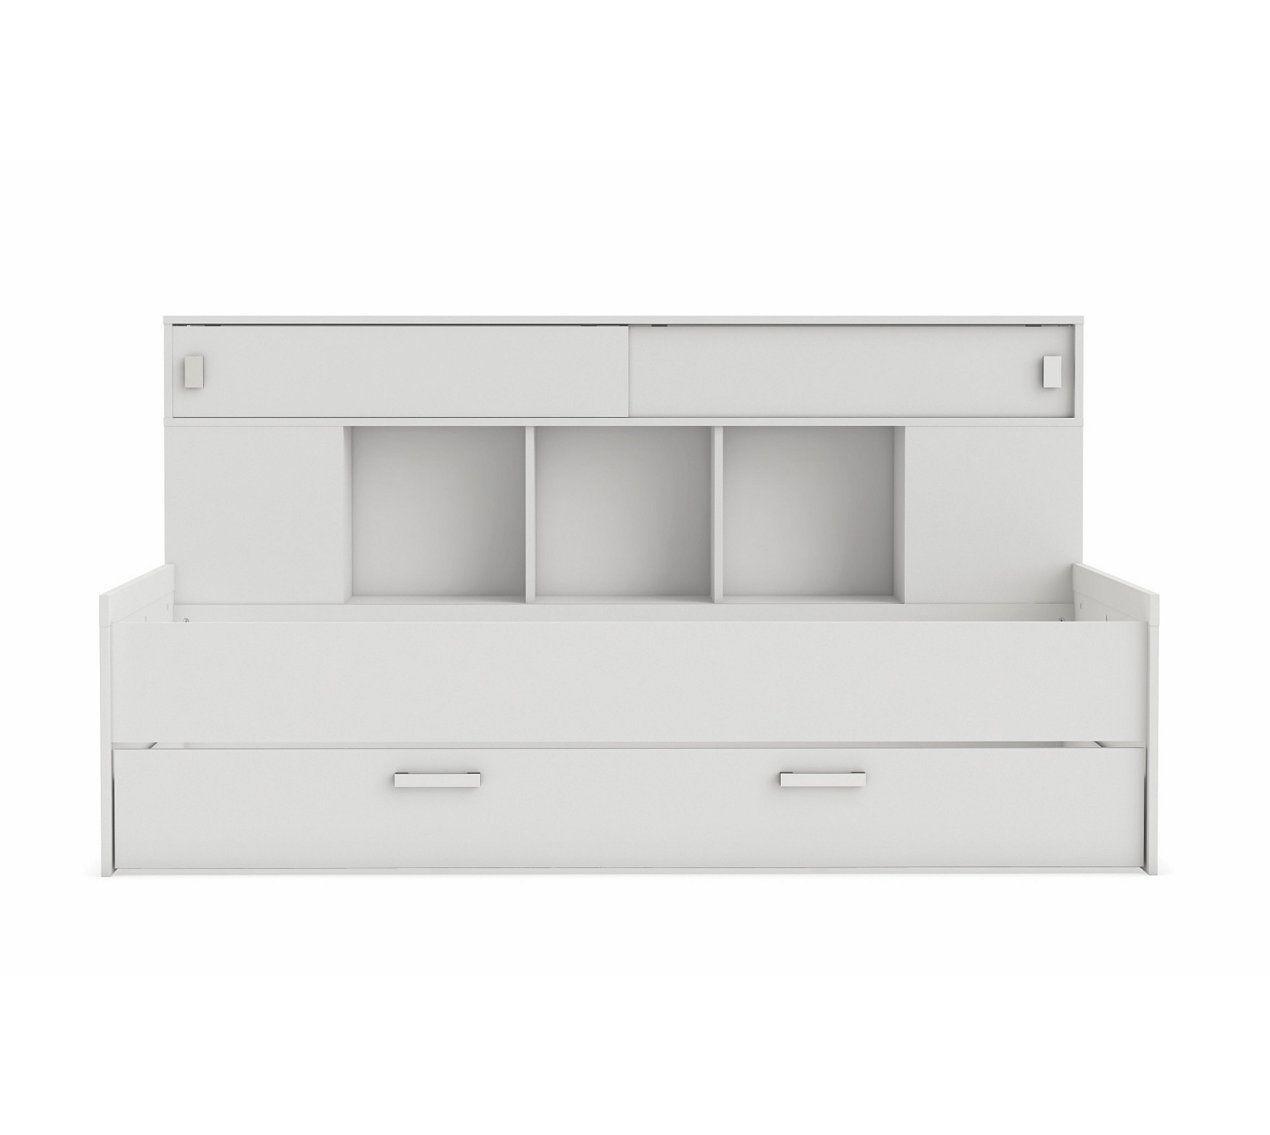 lit 90x200 cm rangements sherwood blanc lit enfant pas cherlit - Lit Enfant Pas Cher